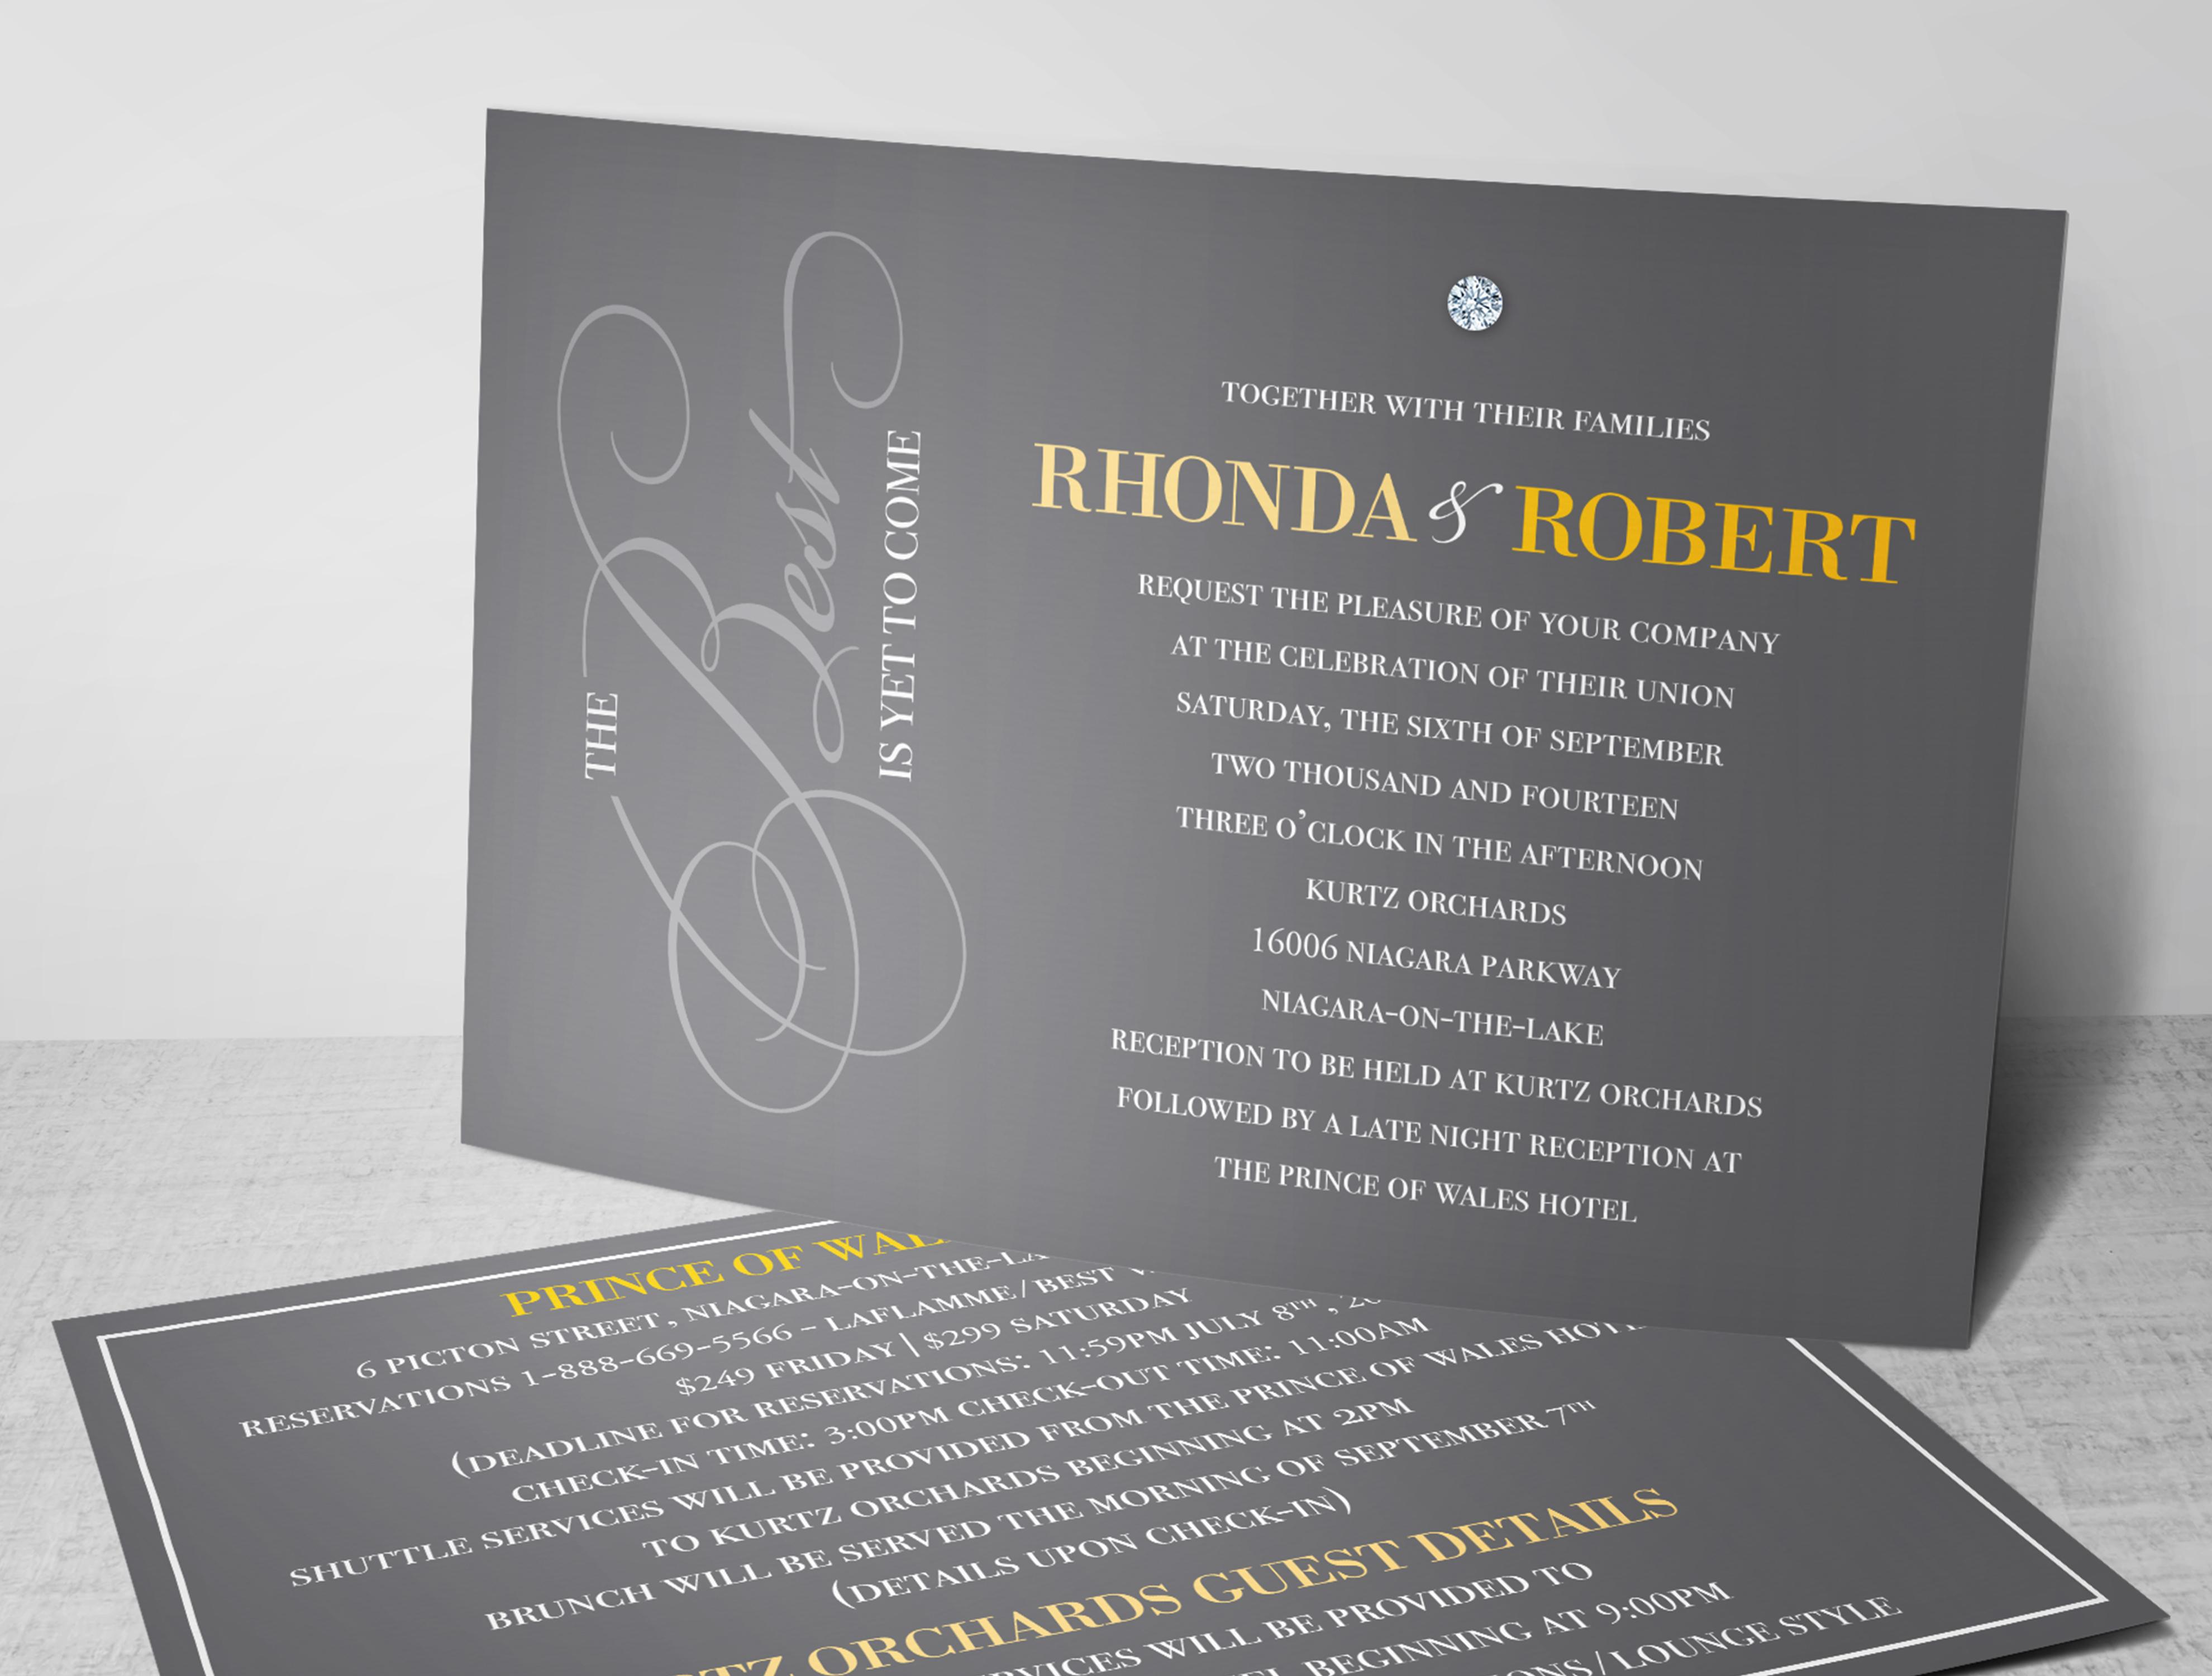 Rhonda & Robert